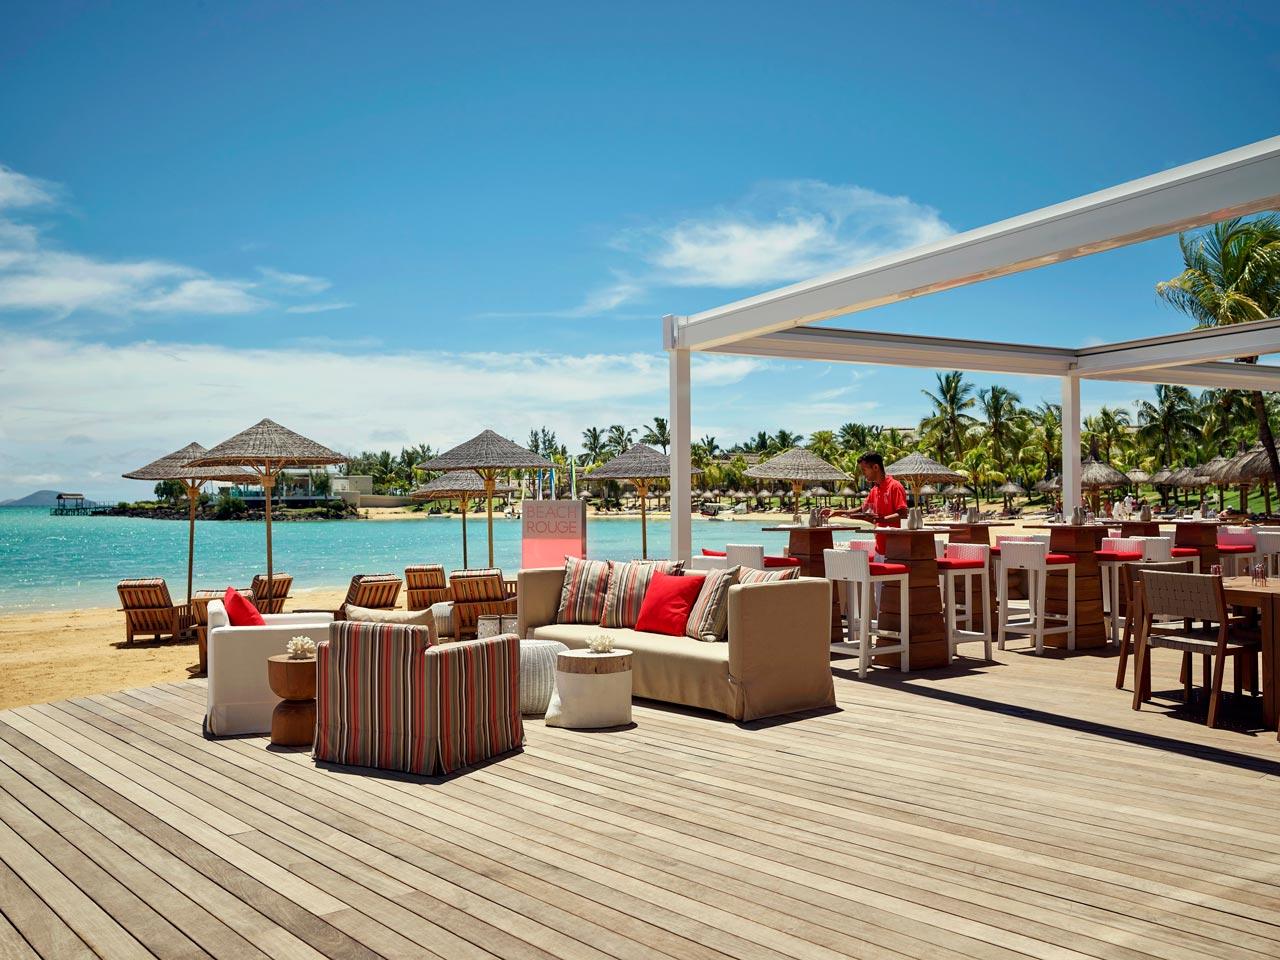 Beach Rouge餐厅及酒吧